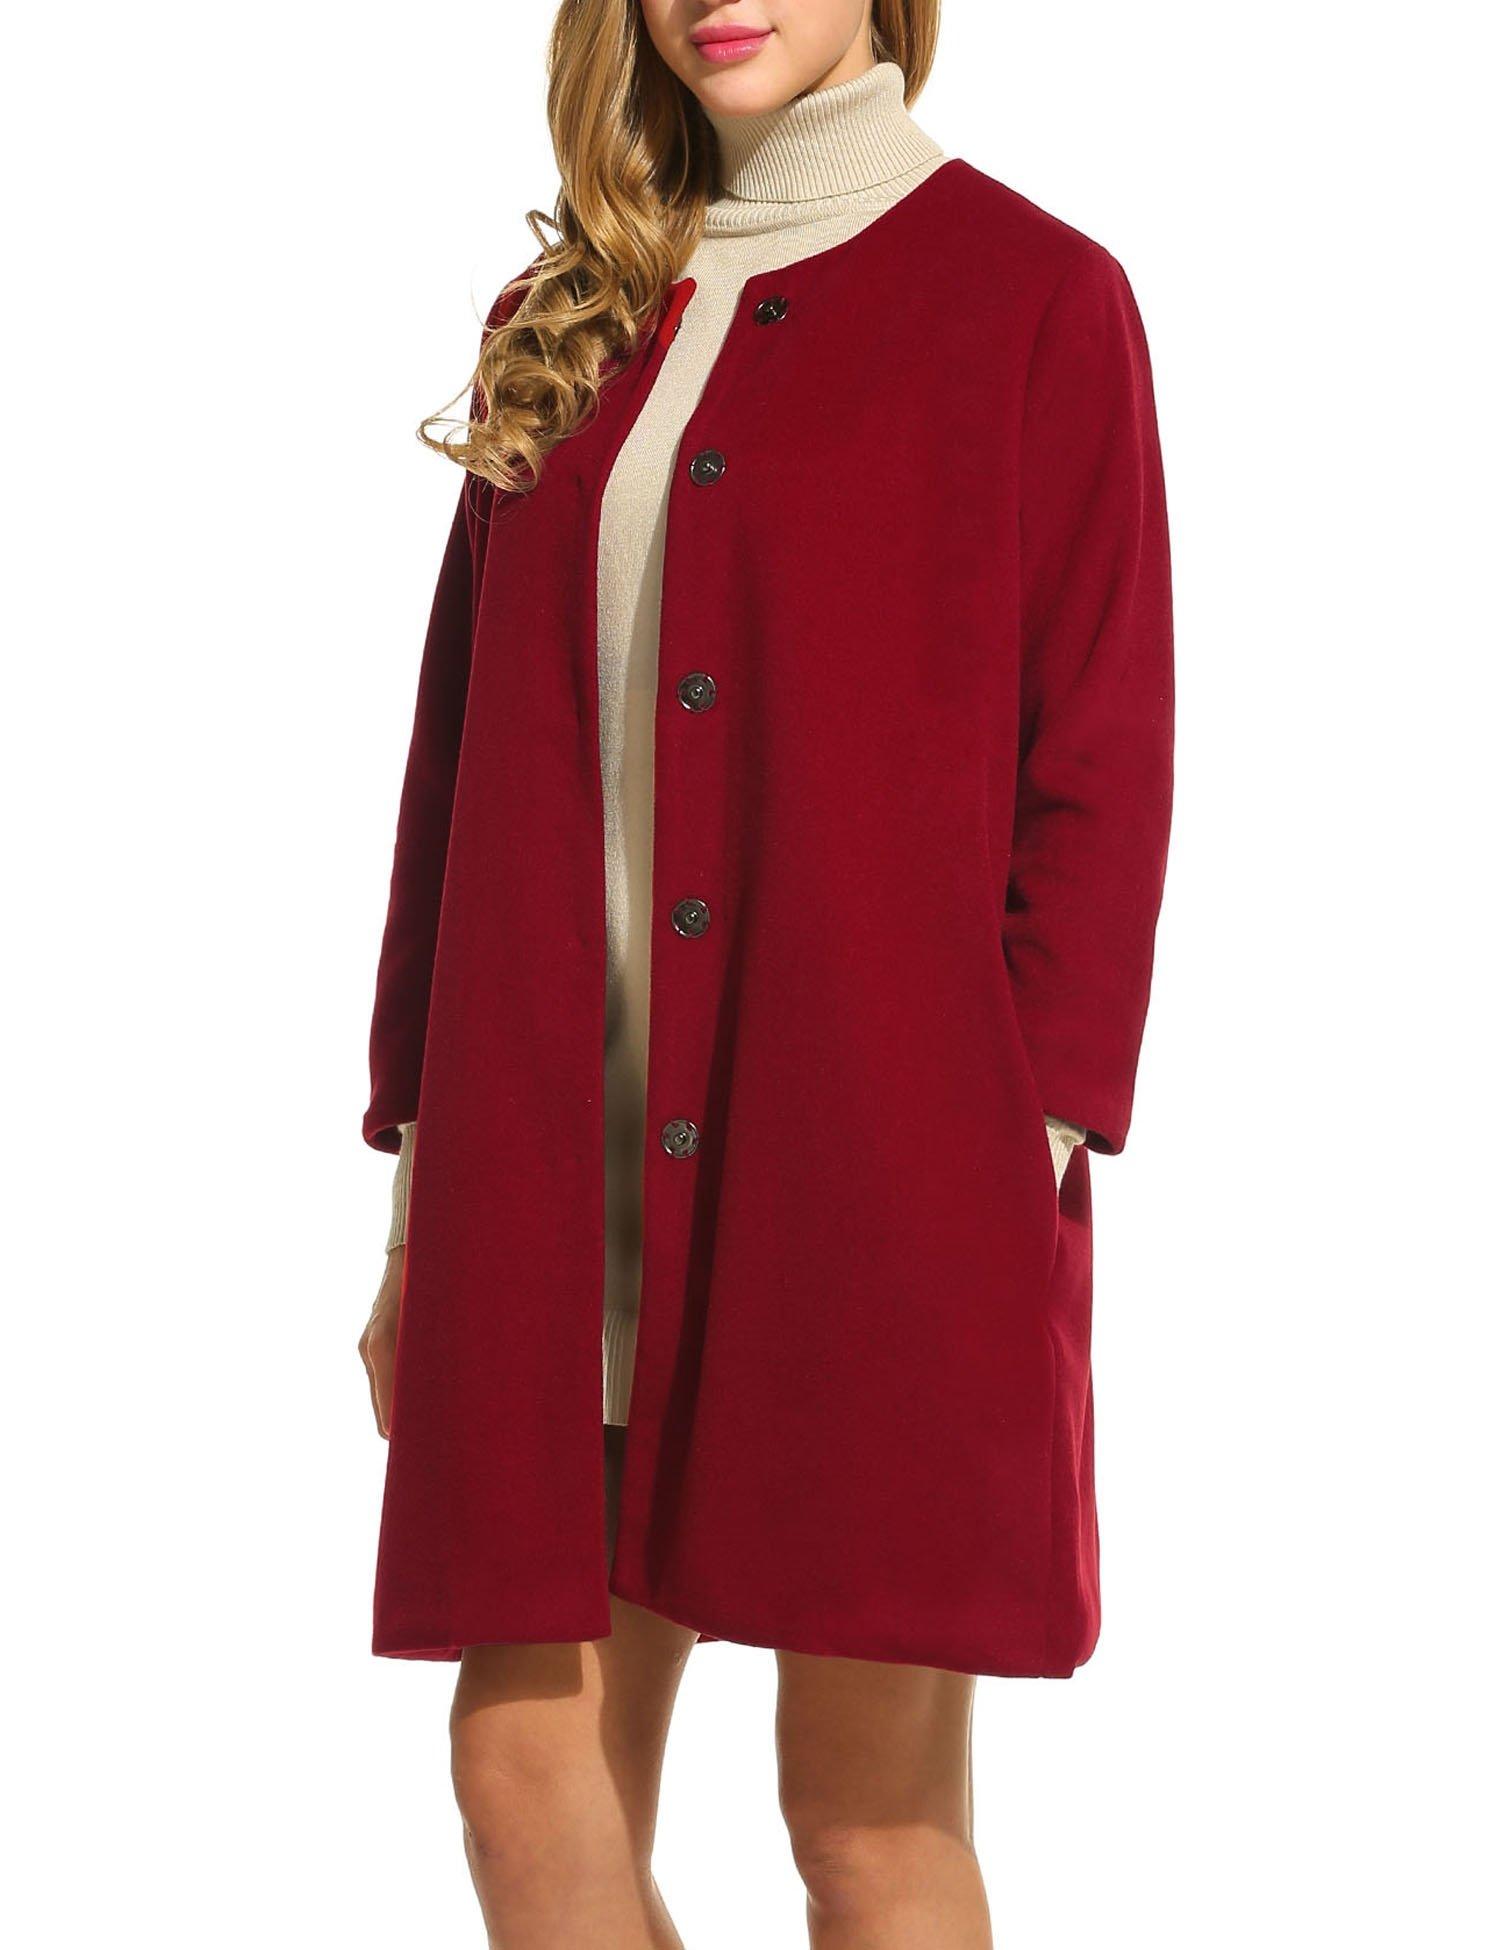 Meaneor Women's New Style Winter Dress-Coats Slim Long Wool Pea Coat Wine Red/M